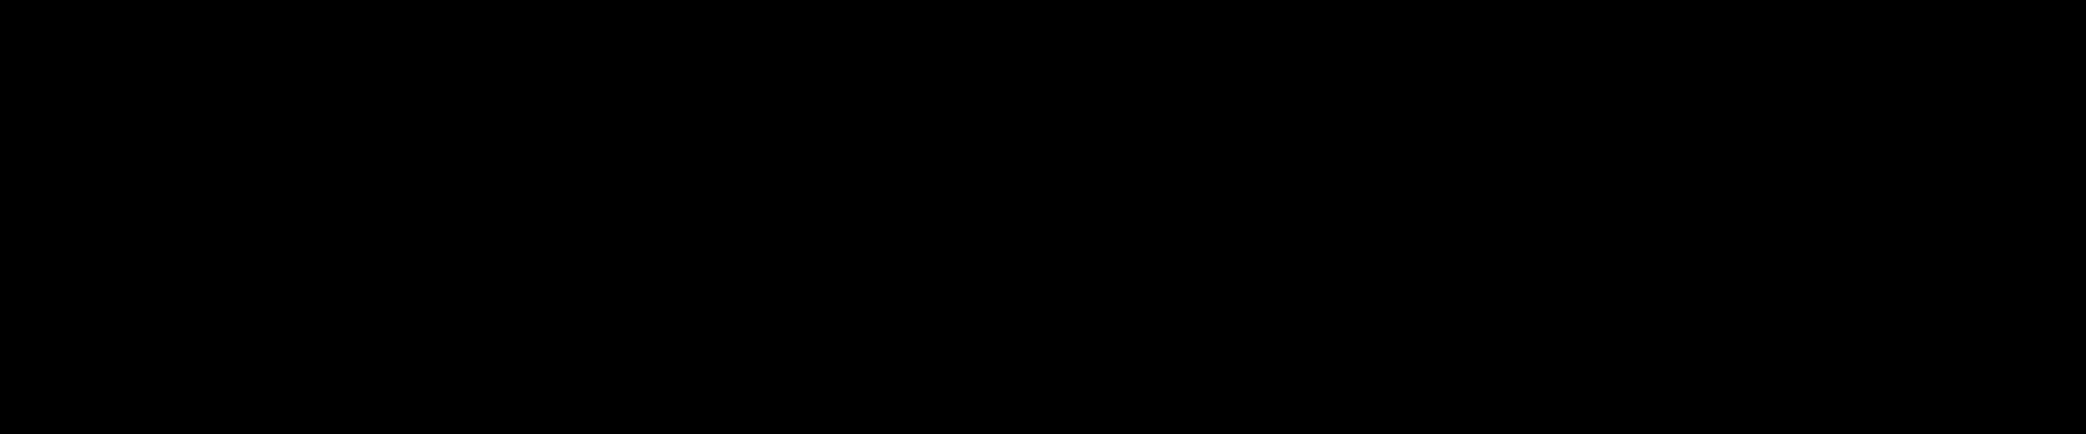 Forum_horizontallocup_black_2017-01.png